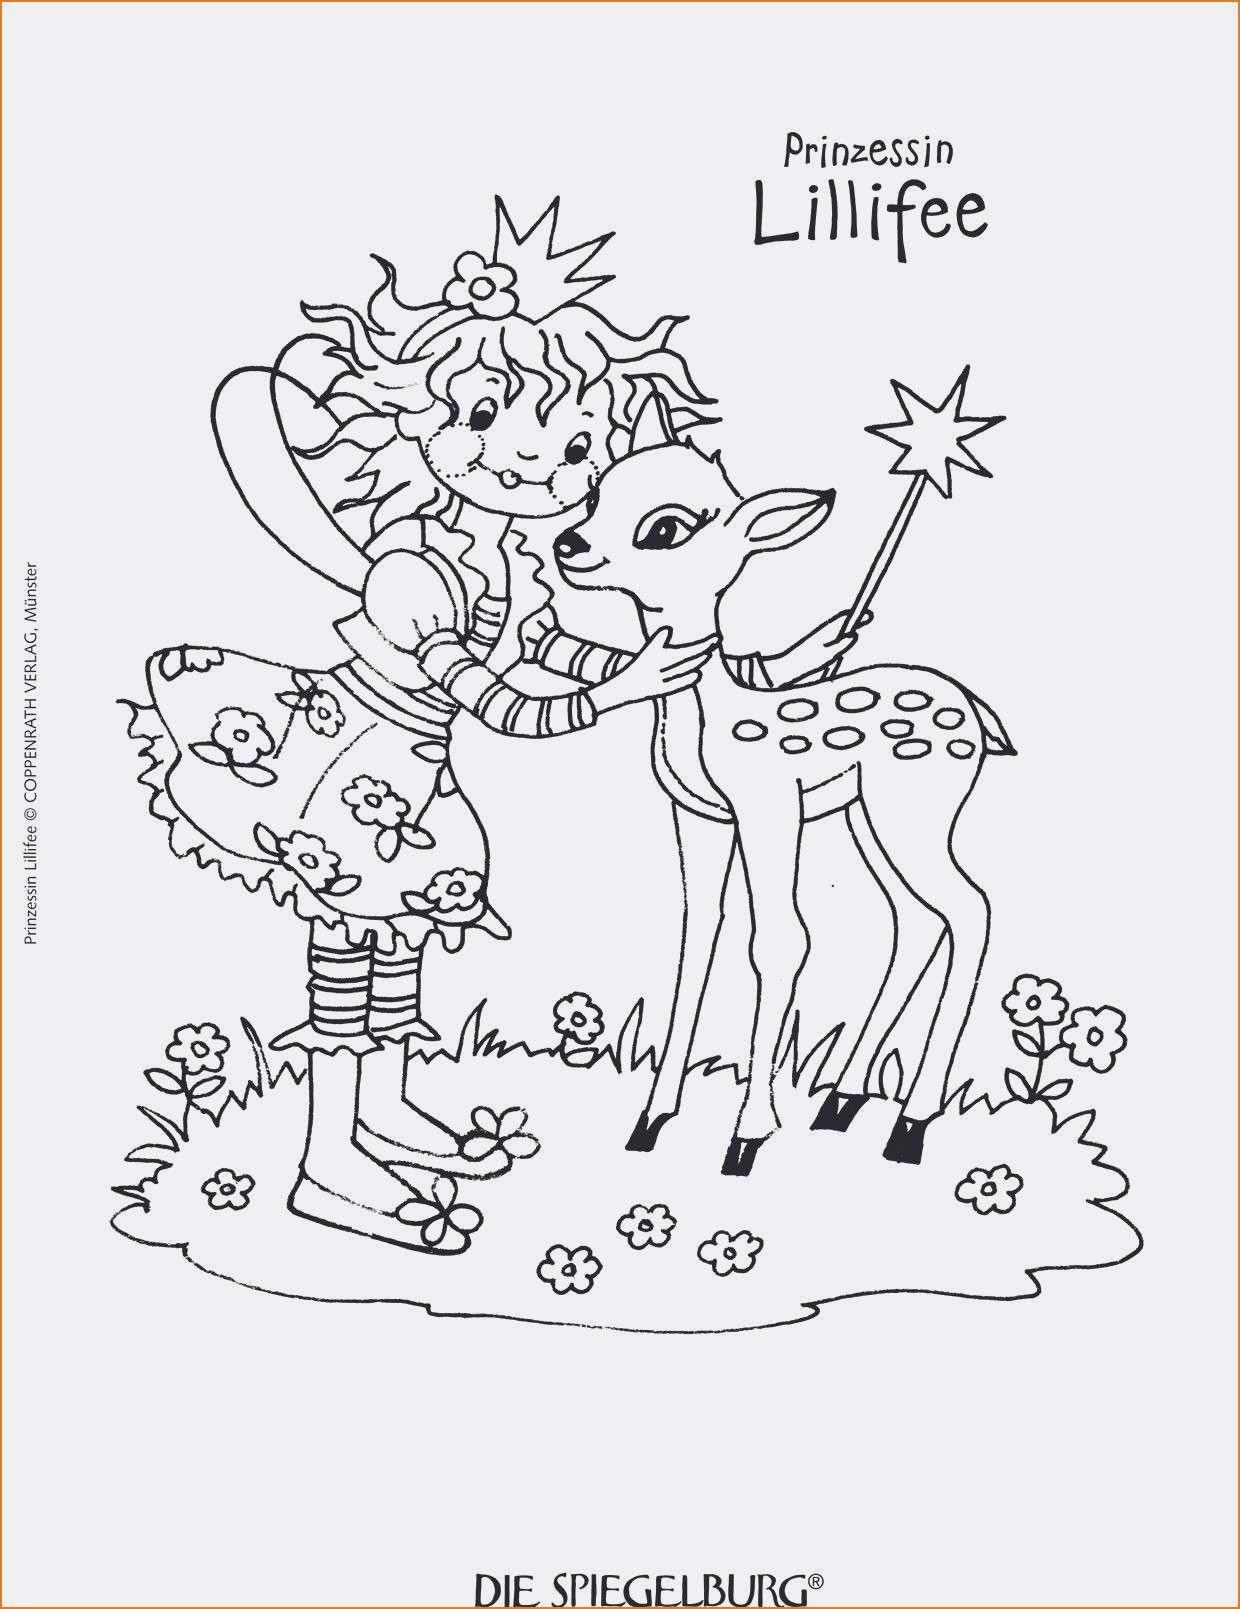 Pferde Ausmalbilder Horseland Das Beste Von Ausmalbilder Dinotrux Spannende Coloring Bilder Free Barbie Frisch Galerie